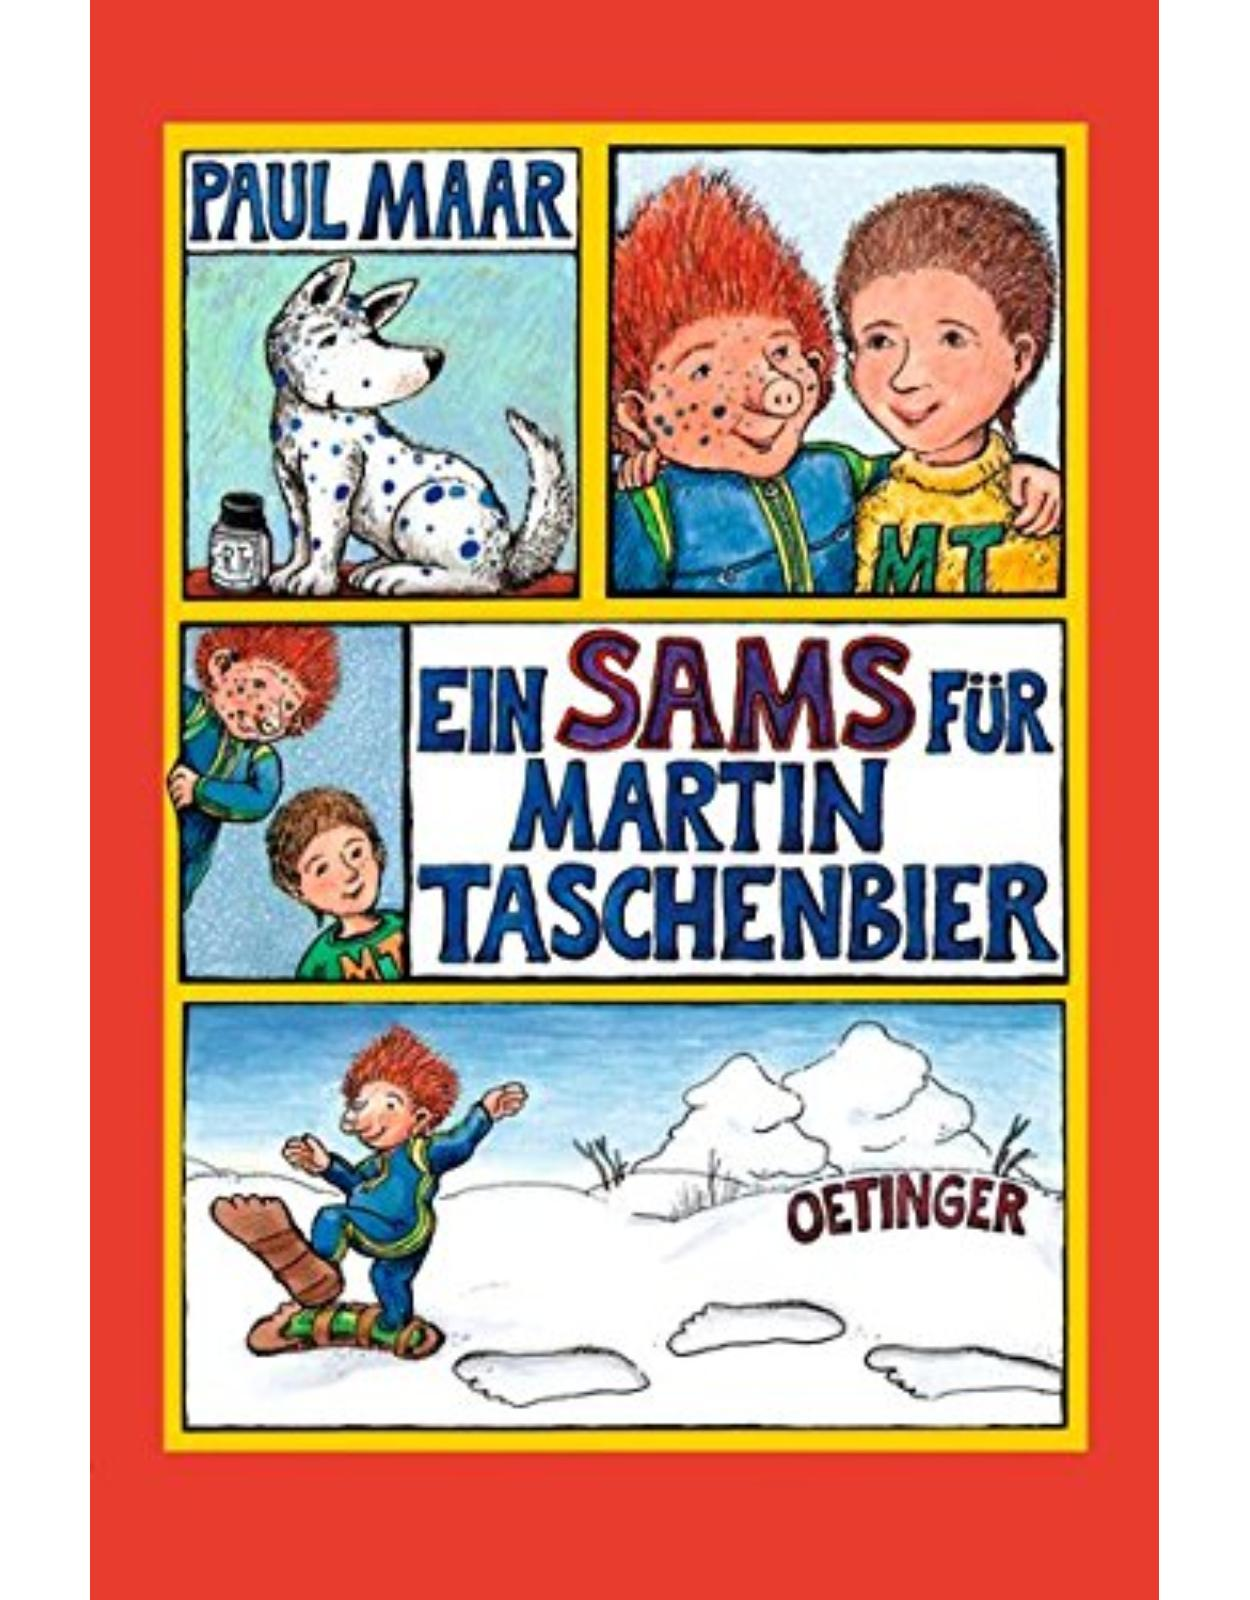 Ein Sams für Martin Taschenbier. ( Ab 10 J.)